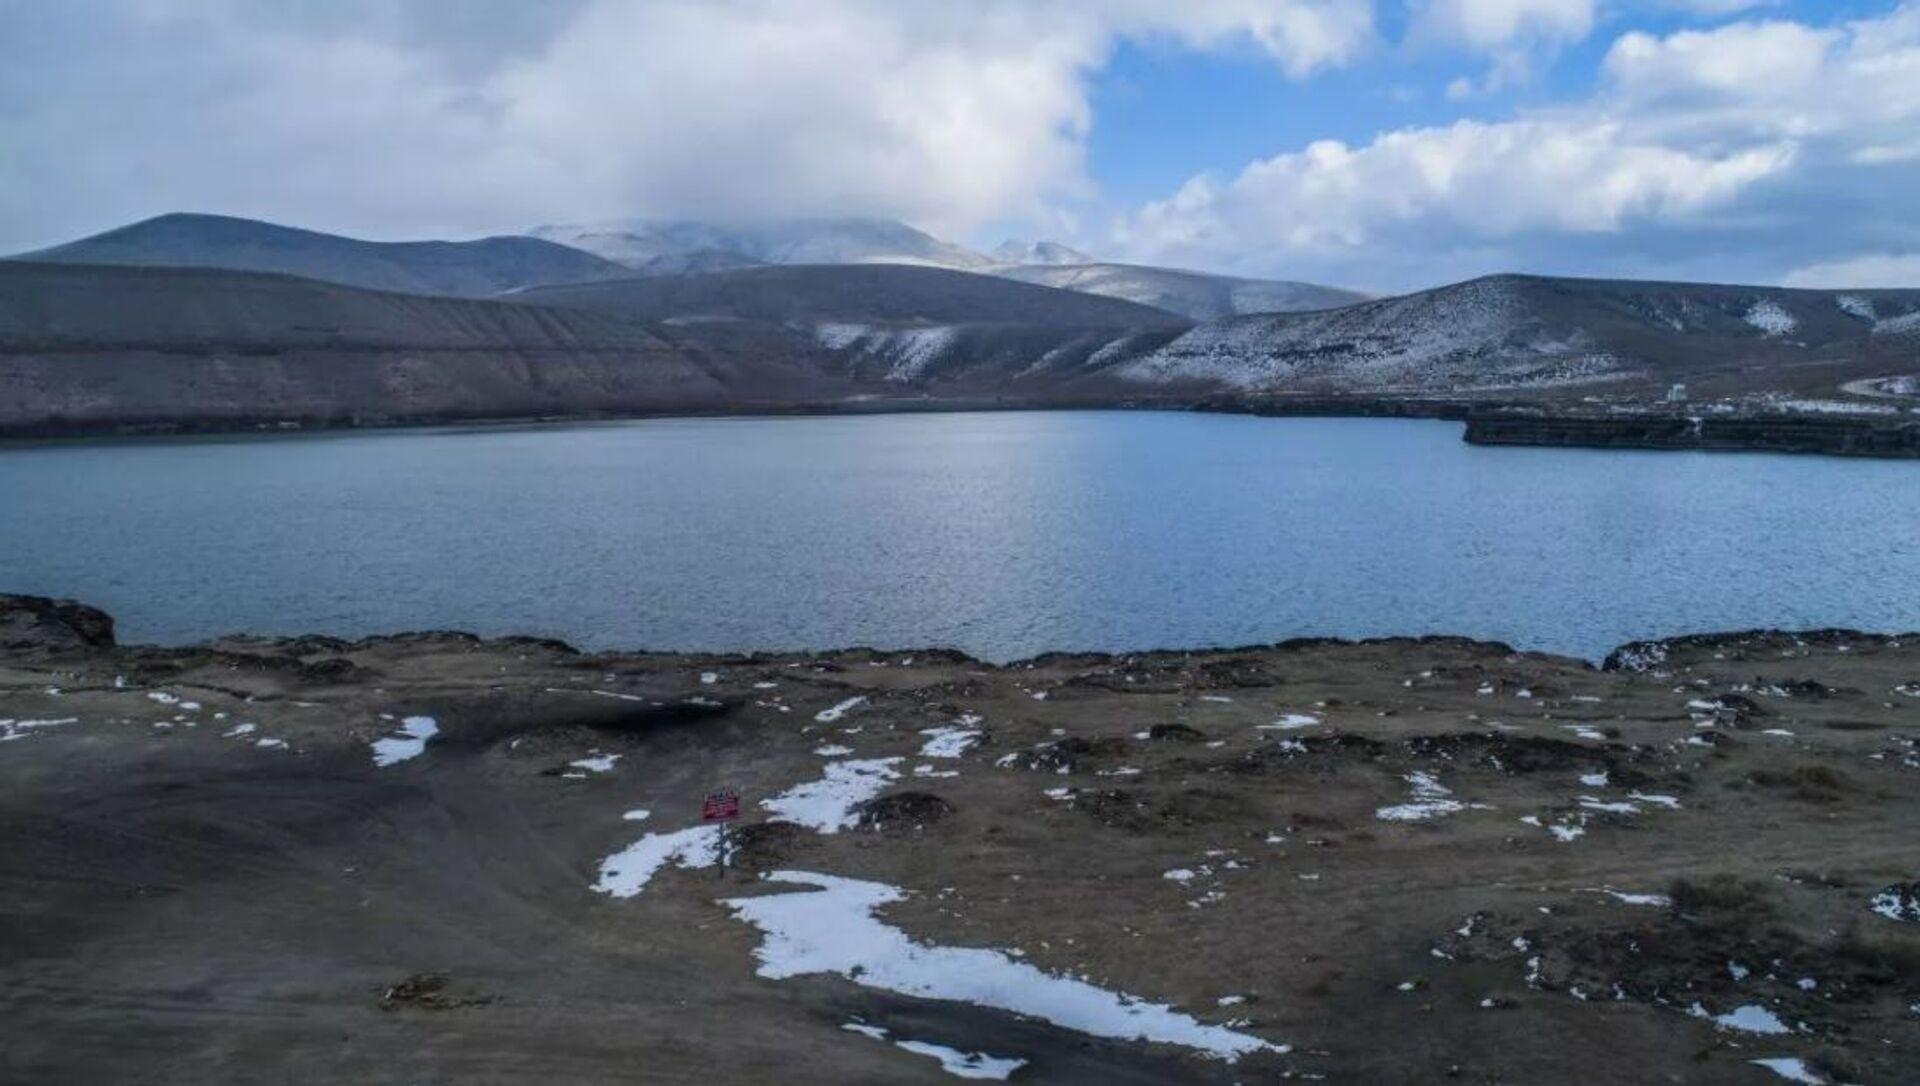 Dünyanın en derin üçüncü gölü olan Acıgöl'de kuraklık nedeniyle derin yarıklar oluştu - Sputnik Türkiye, 1920, 14.07.2021